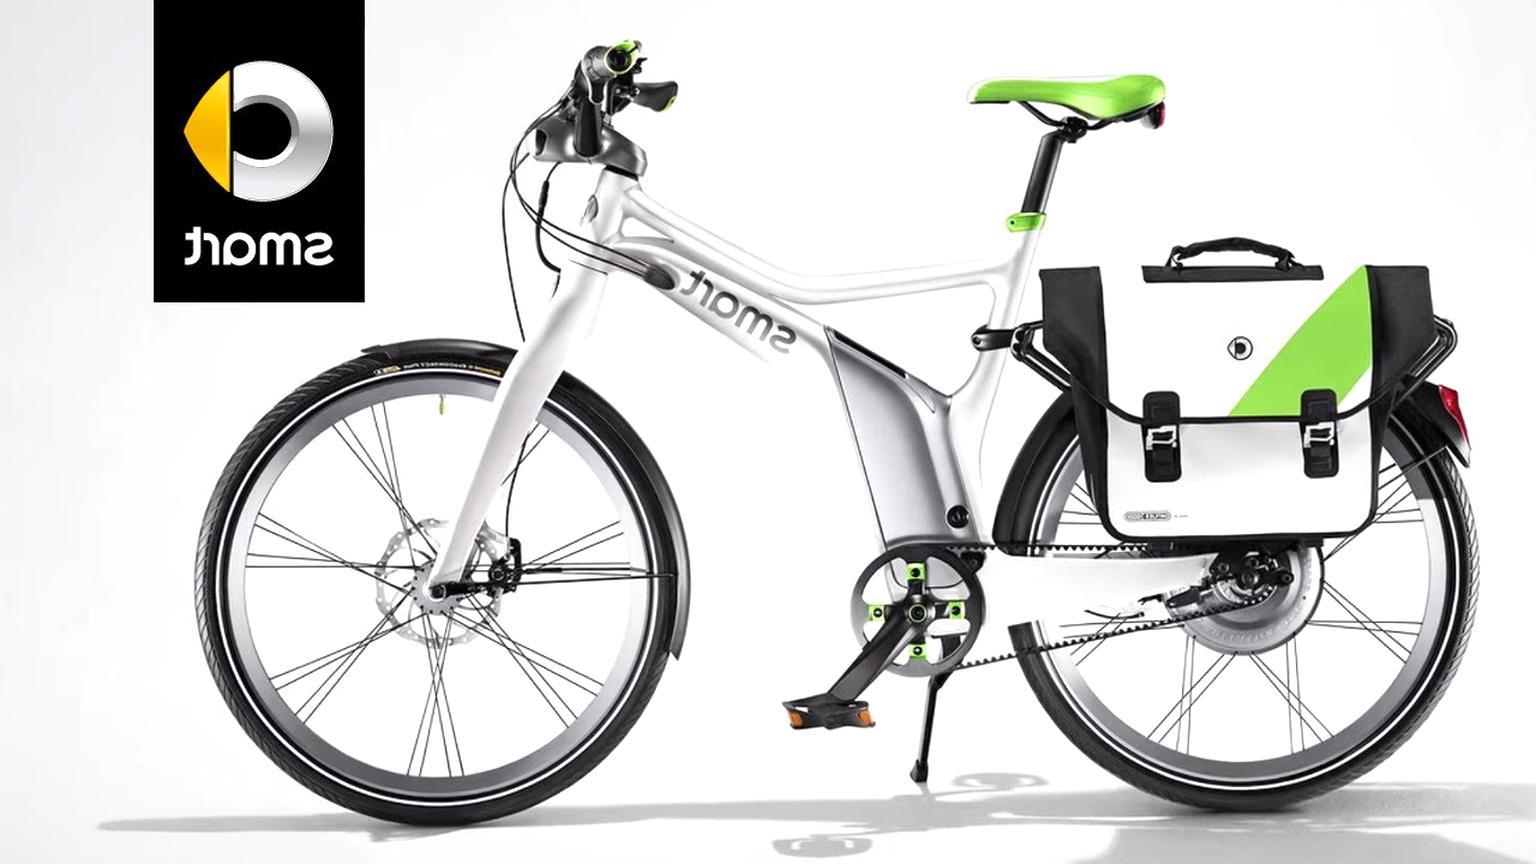 smart fahrrad gebraucht kaufen nur 2 st bis 70 g nstiger. Black Bedroom Furniture Sets. Home Design Ideas